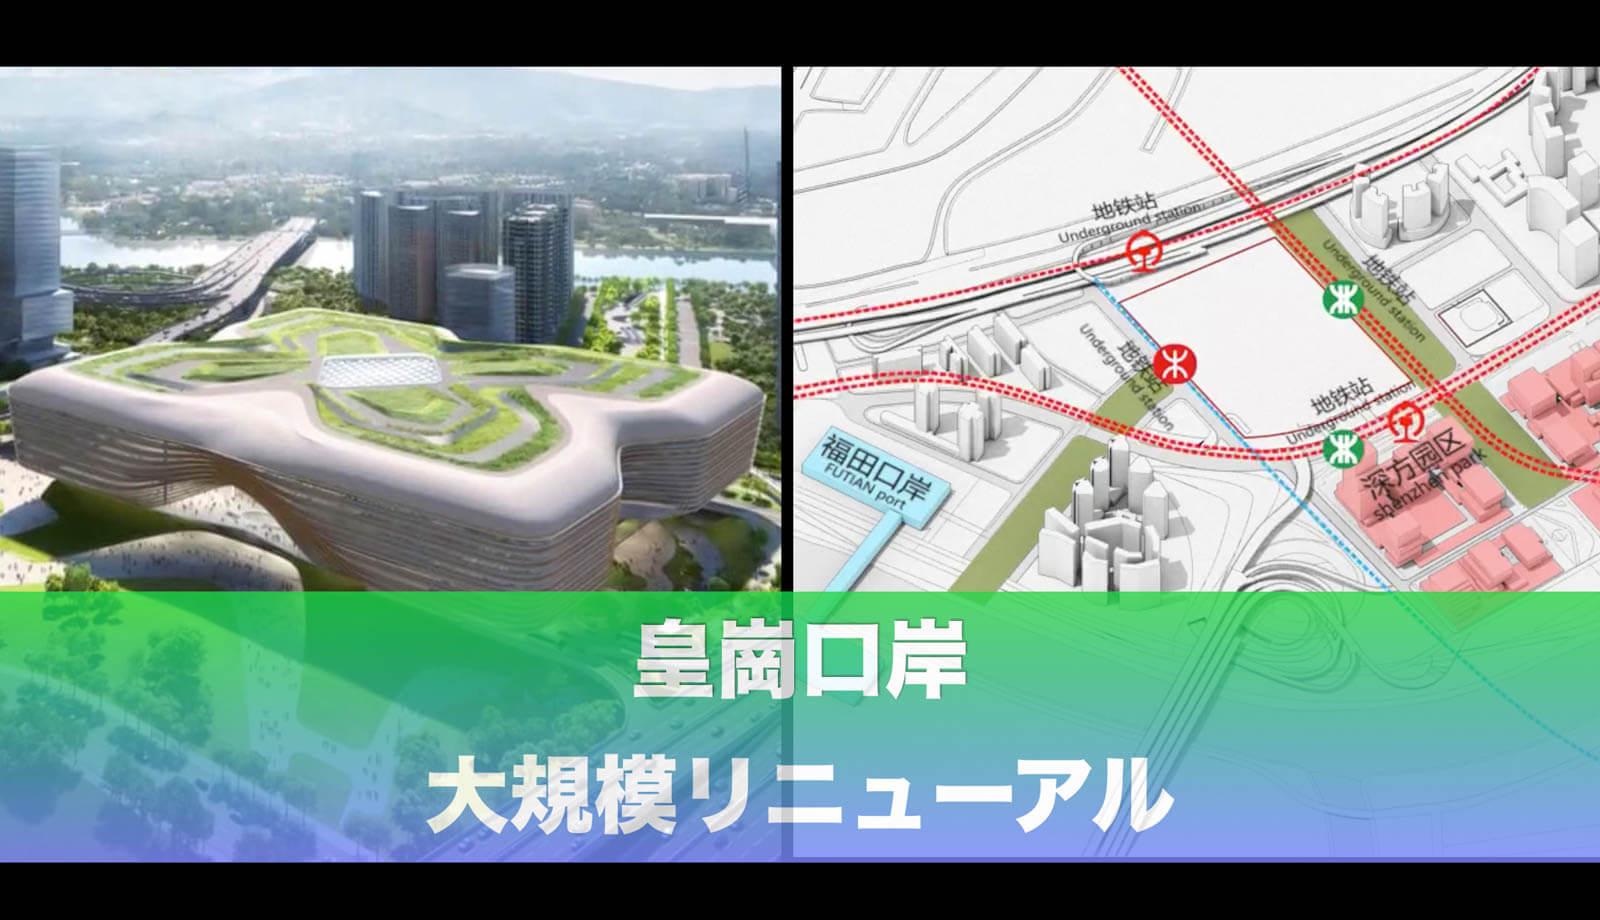 【皇崗口岸】大規模リニューアル工事開始:深圳地下鉄/香港MTRも拡張して接続へ!